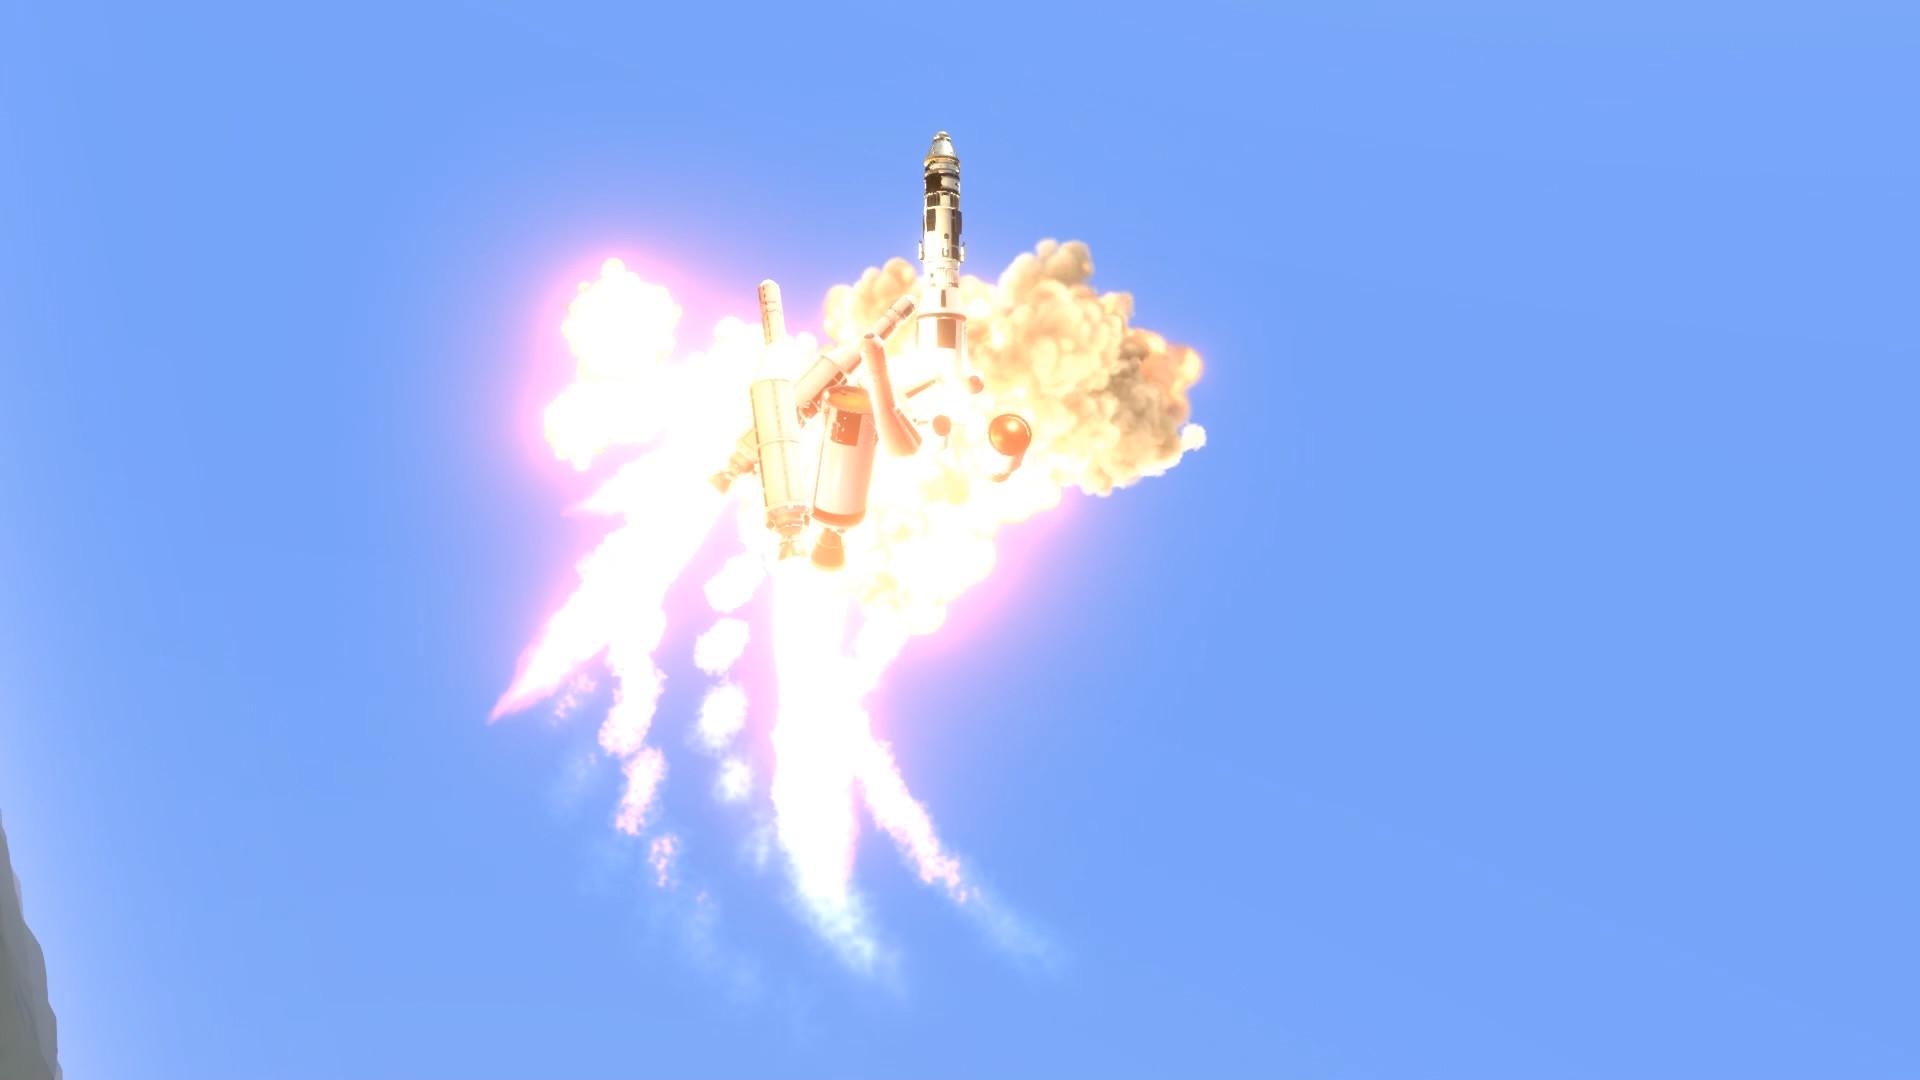 [Jeux] Kerbal Space Program 2 (2022) Ss_6d0b2acc56dd157712449522d80e2d63d95ad457.1920x1080